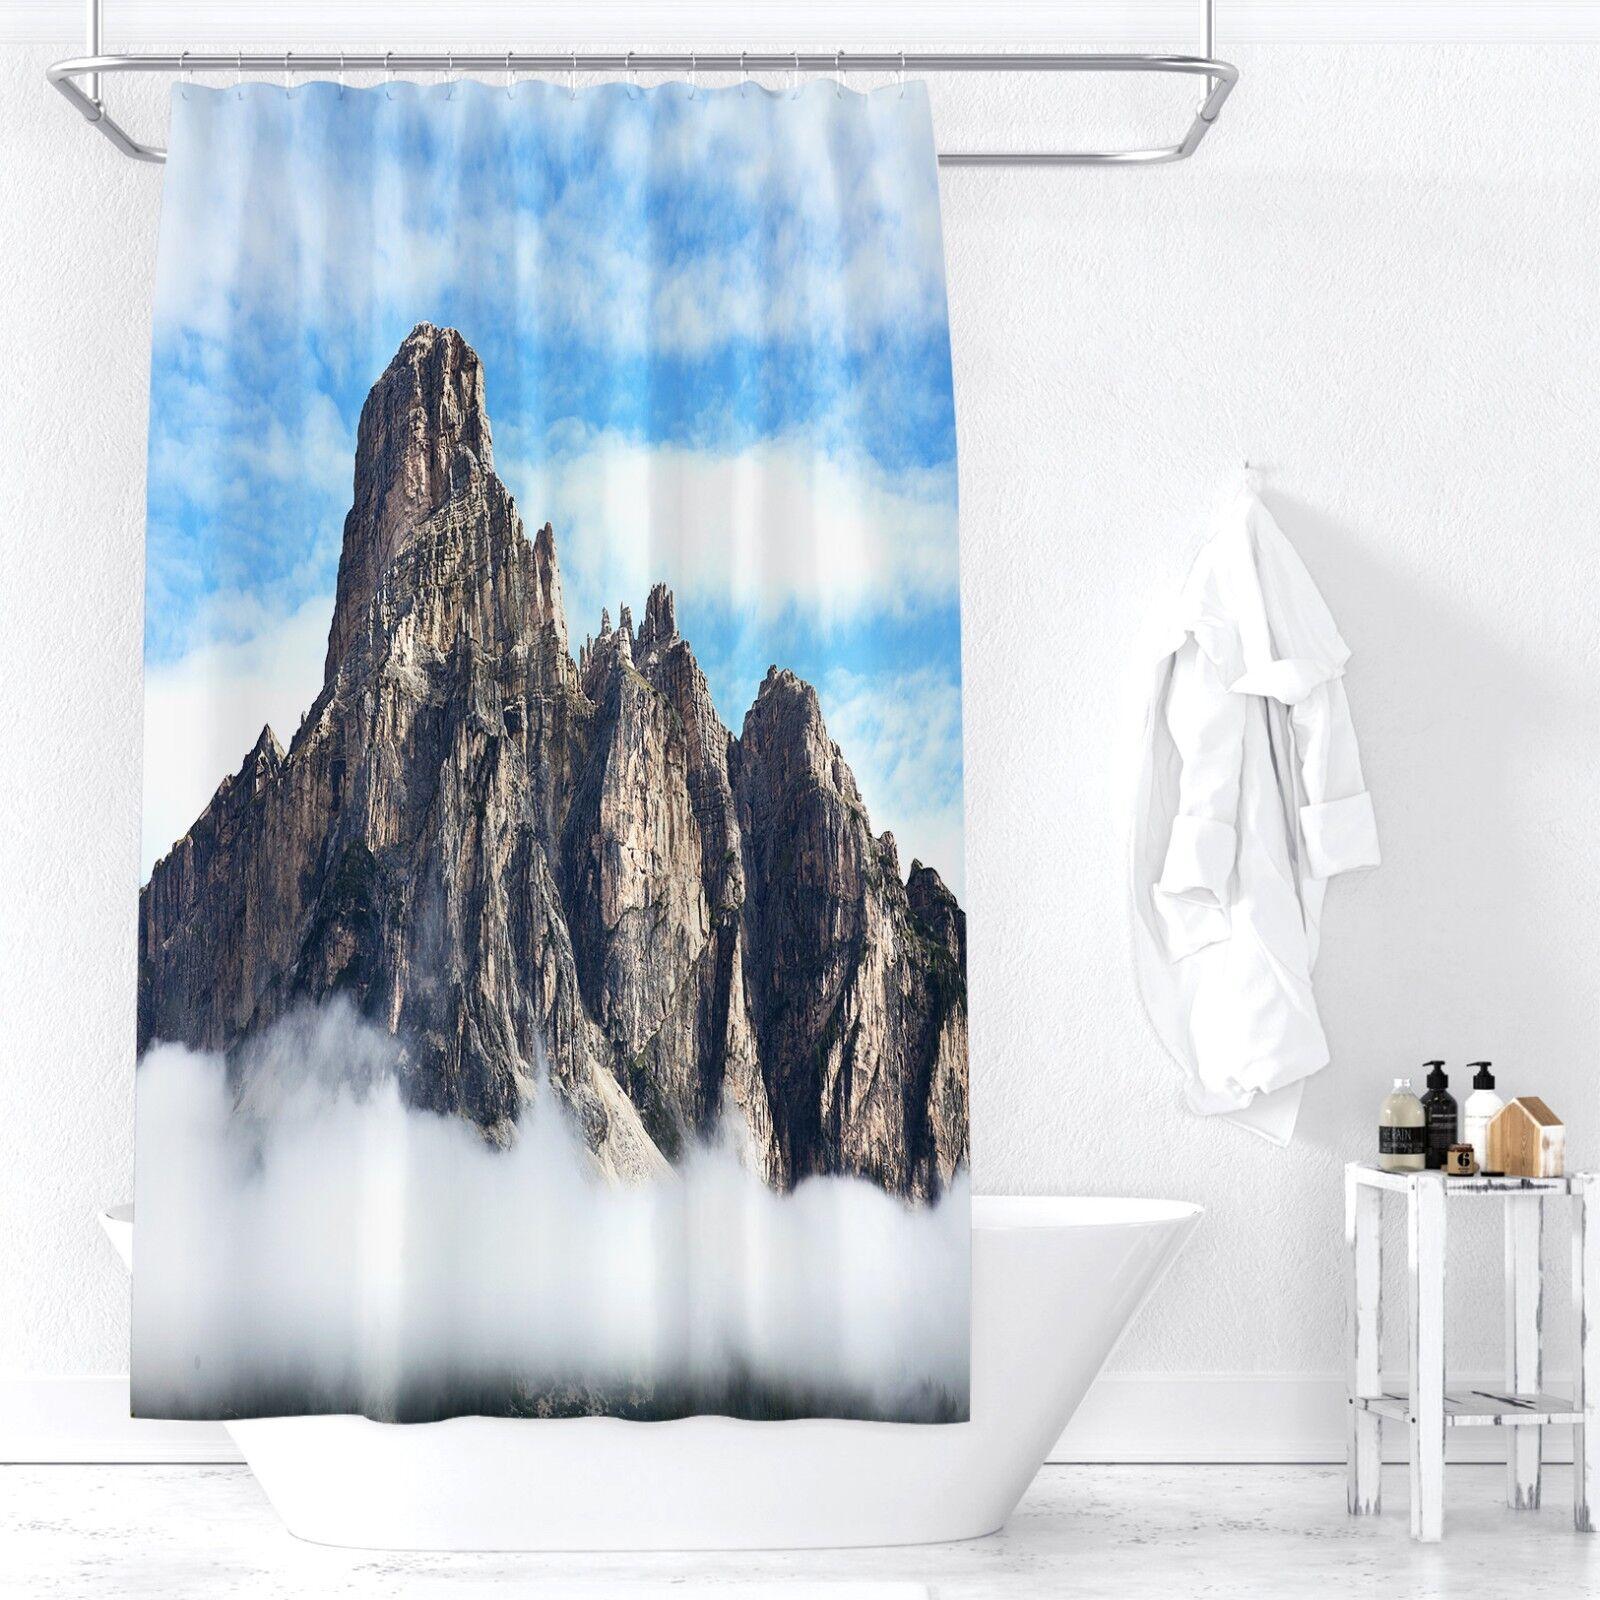 3D Berg Wolke 31 Duschvorhang Wasserdicht Faser Bad Daheim Windows Windows Windows Toilette DE | Quality First  6b2d71